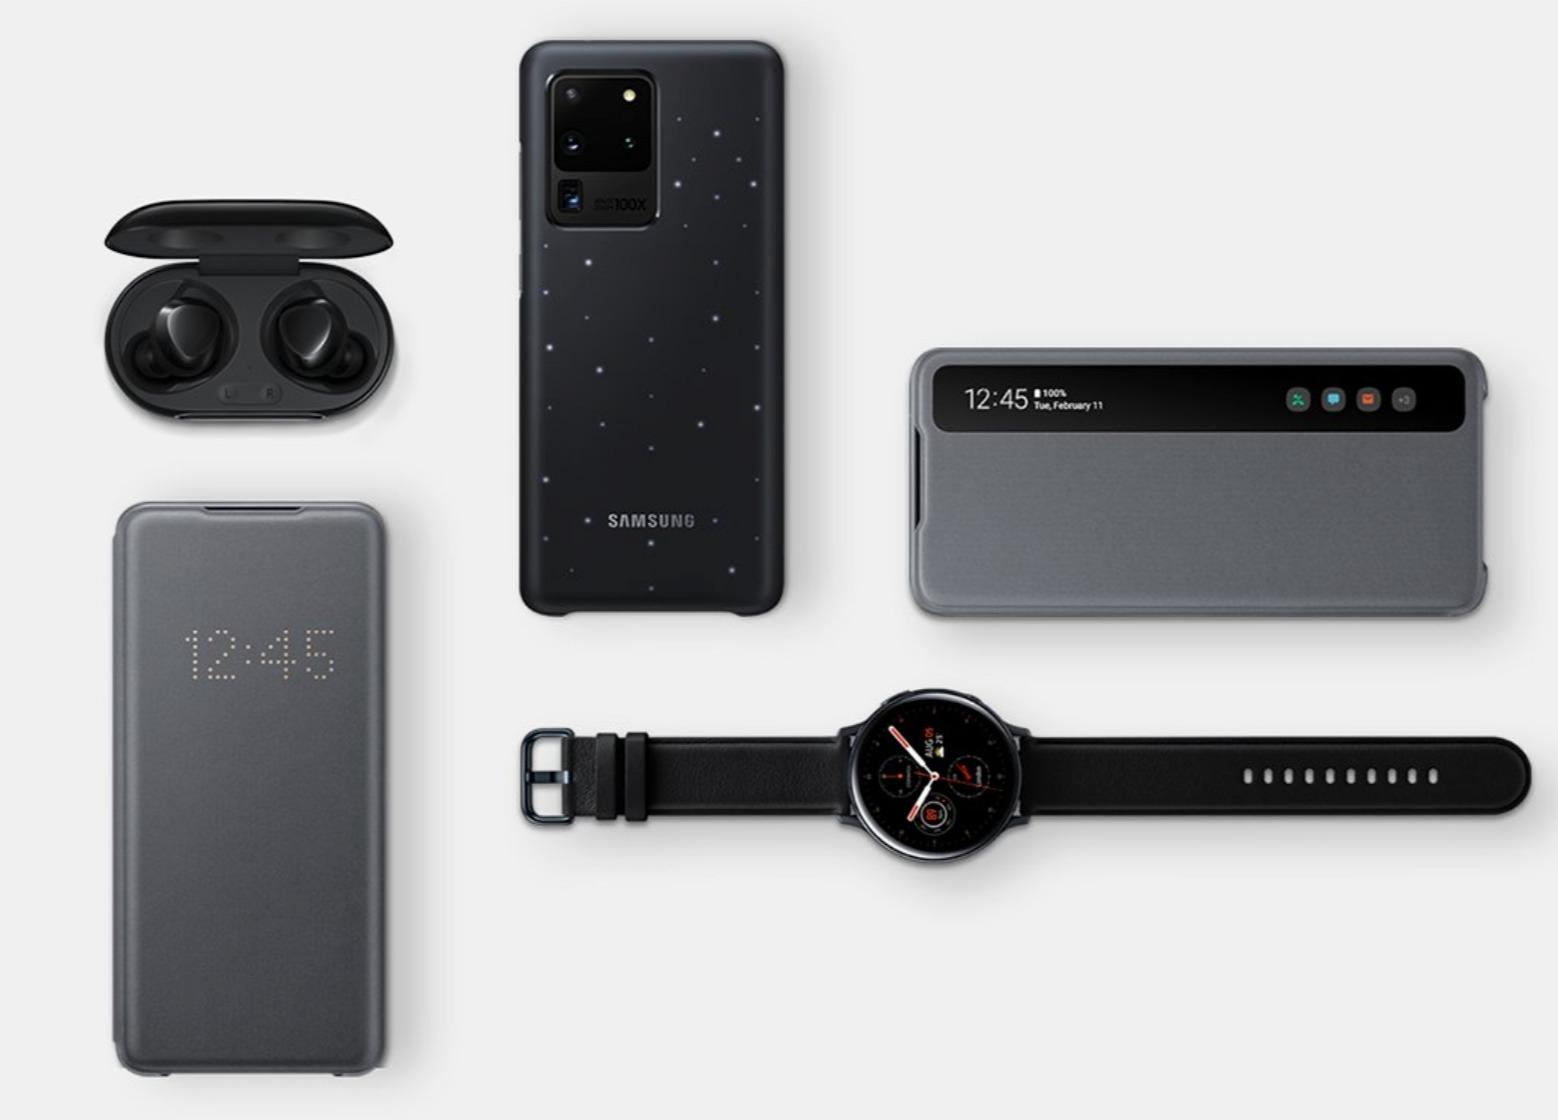 Samsung Galaxy S20 Ultra Cases Galaxy Watch Galaxy Buds+